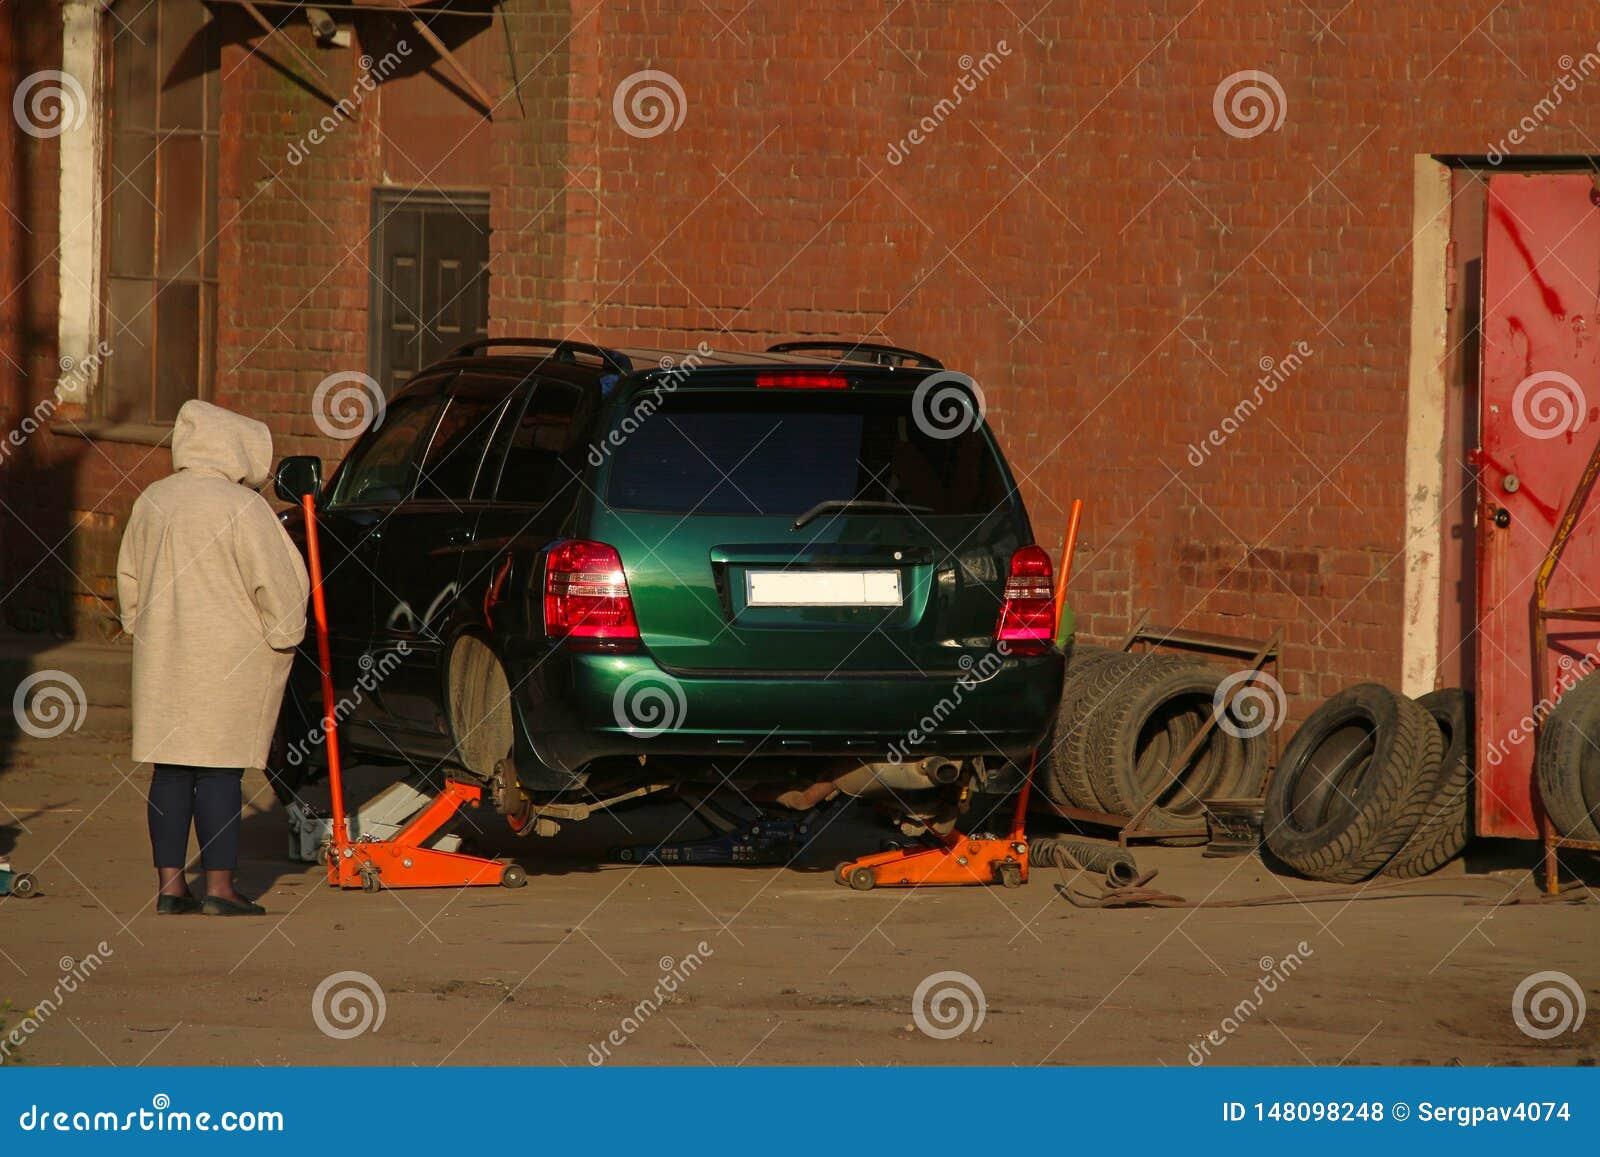 Kobiety stojaki przed jacked w górę samochodu z kołami usuwającymi